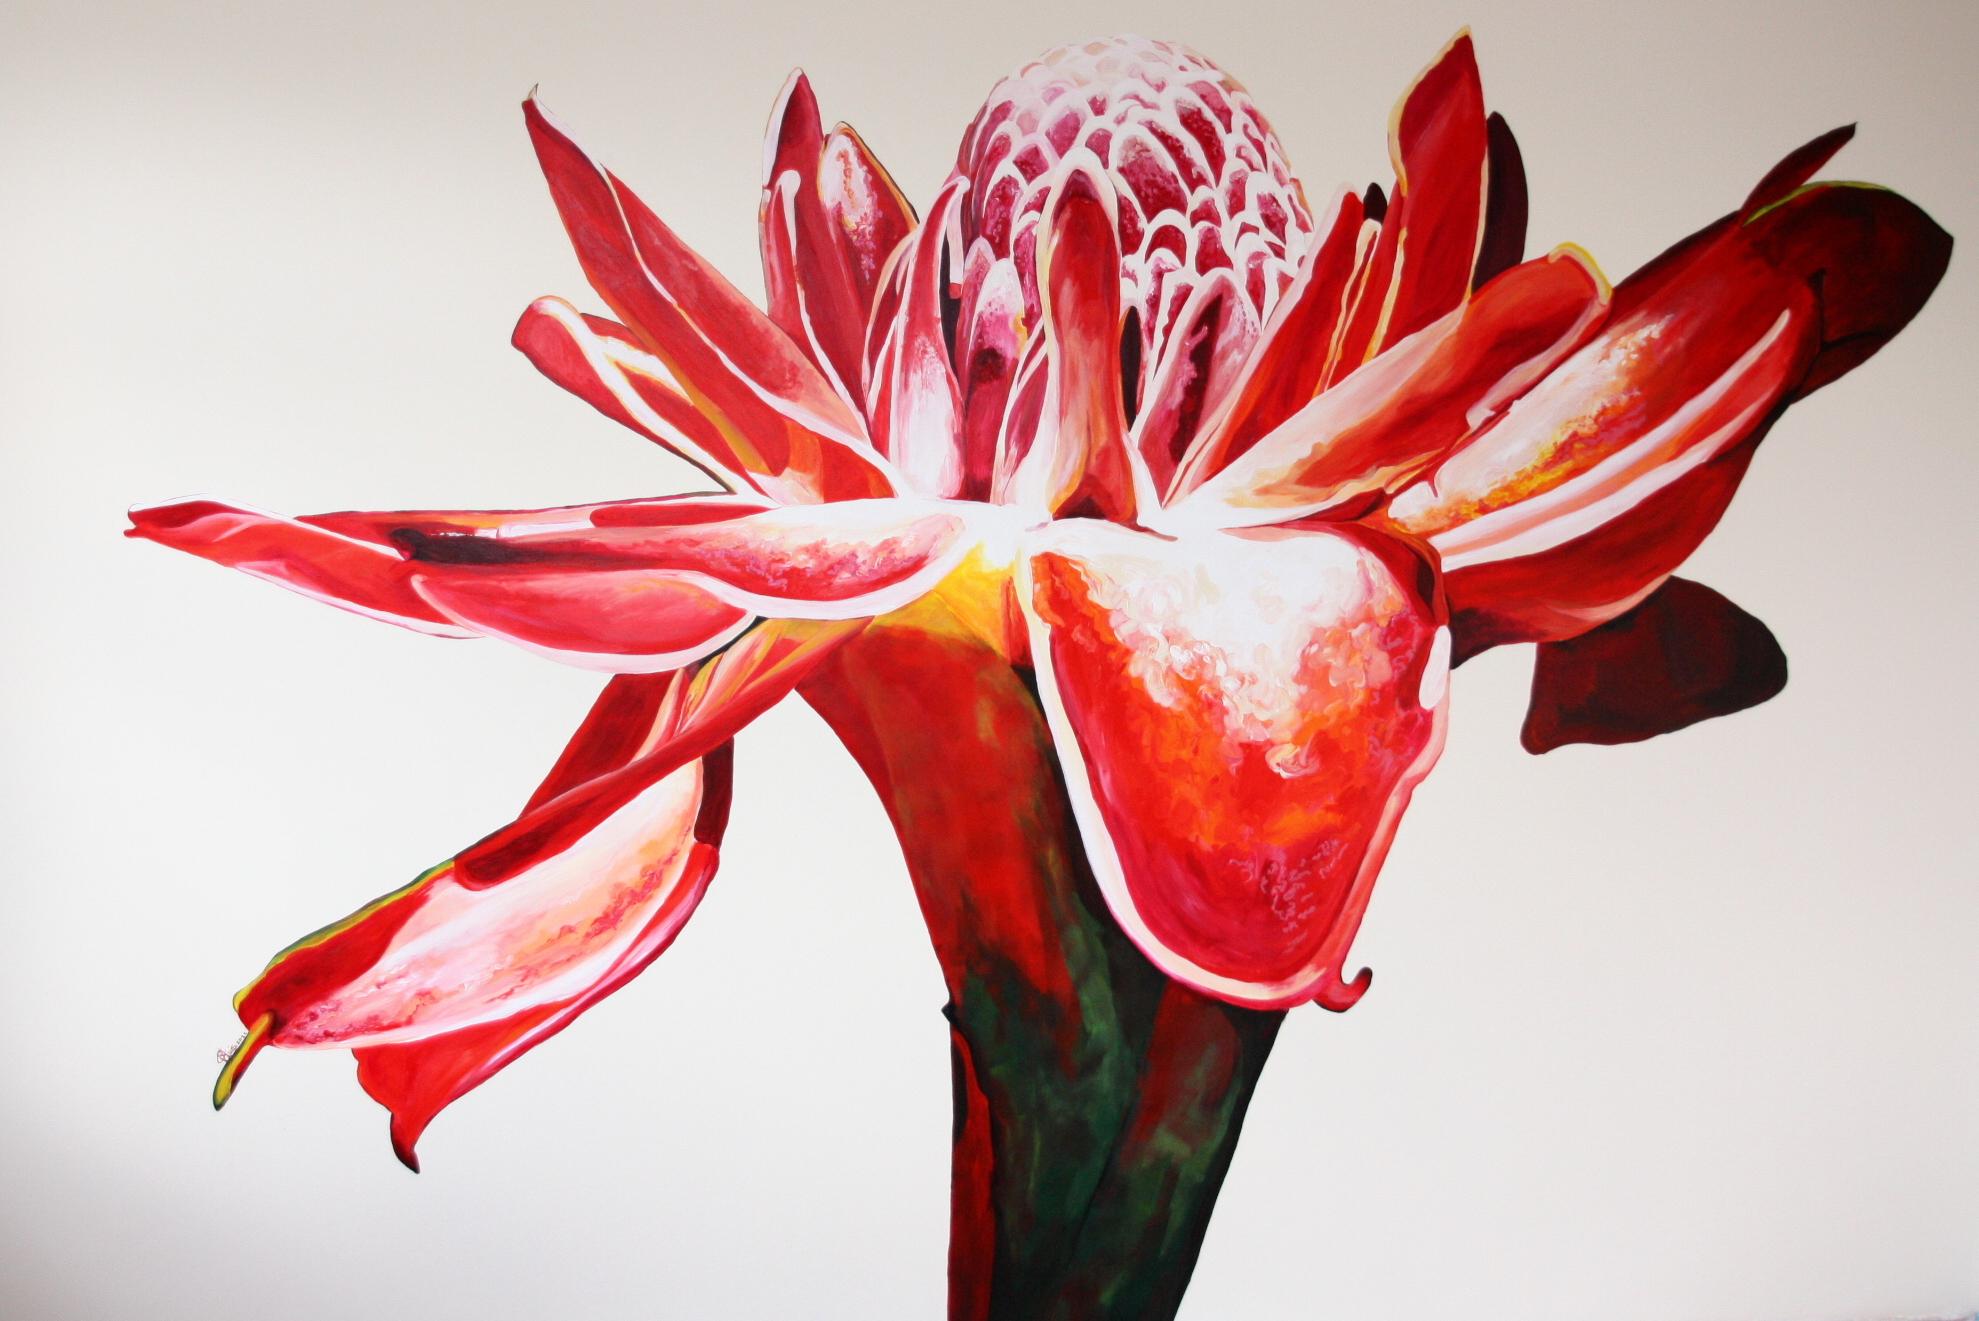 Muurschildering Protea in opdracht in Almere | 2011 300 x 500 cm